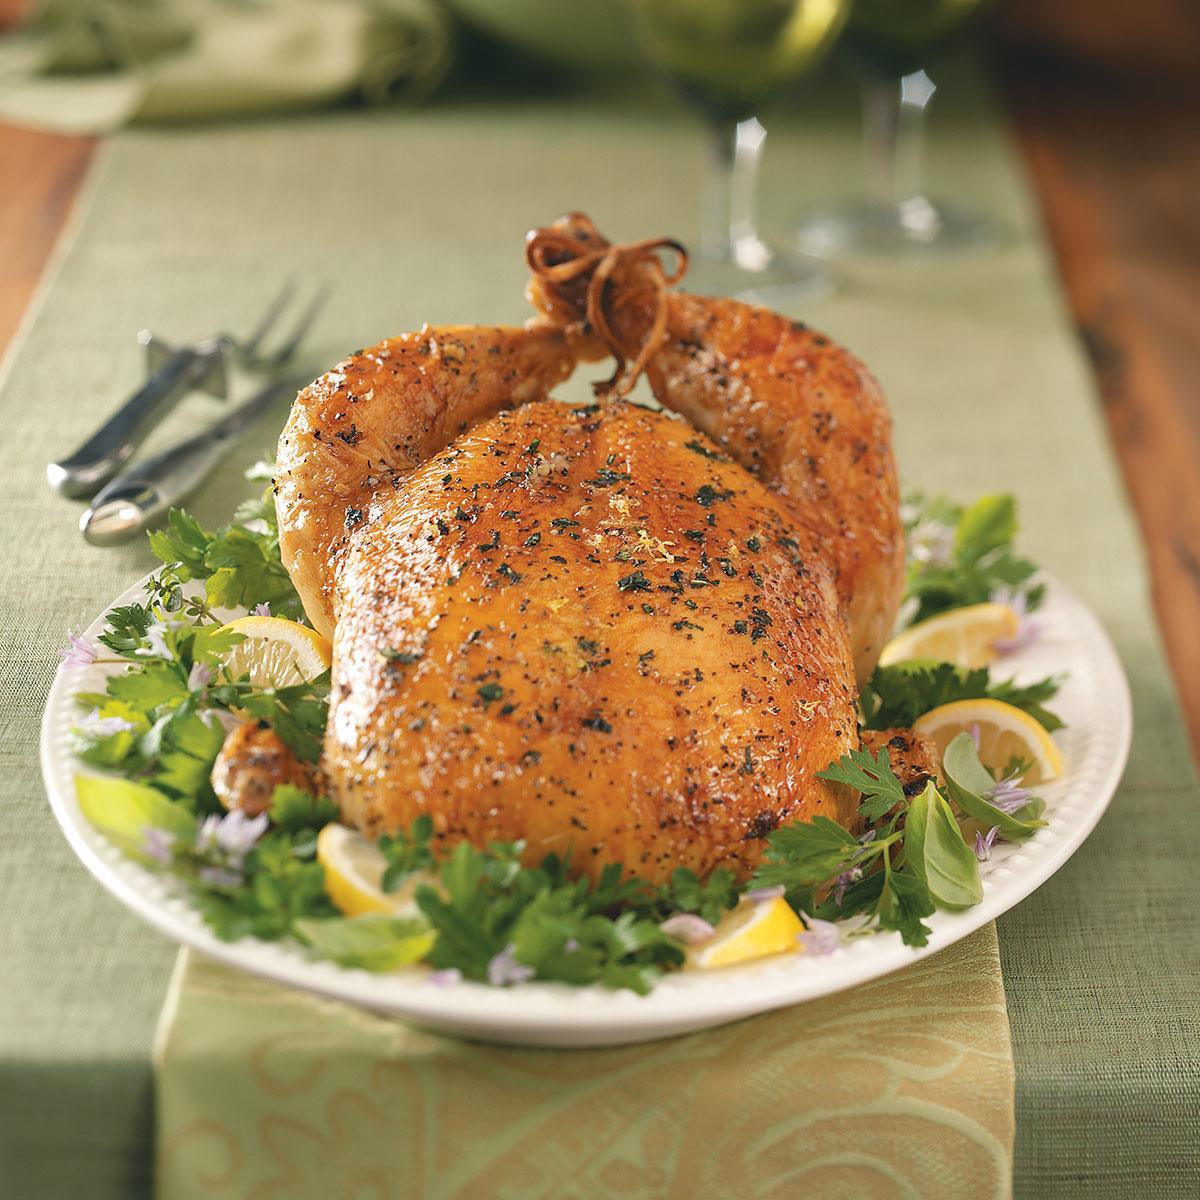 Lemon Basil Chicken Recipe How To Make It Taste Of Home